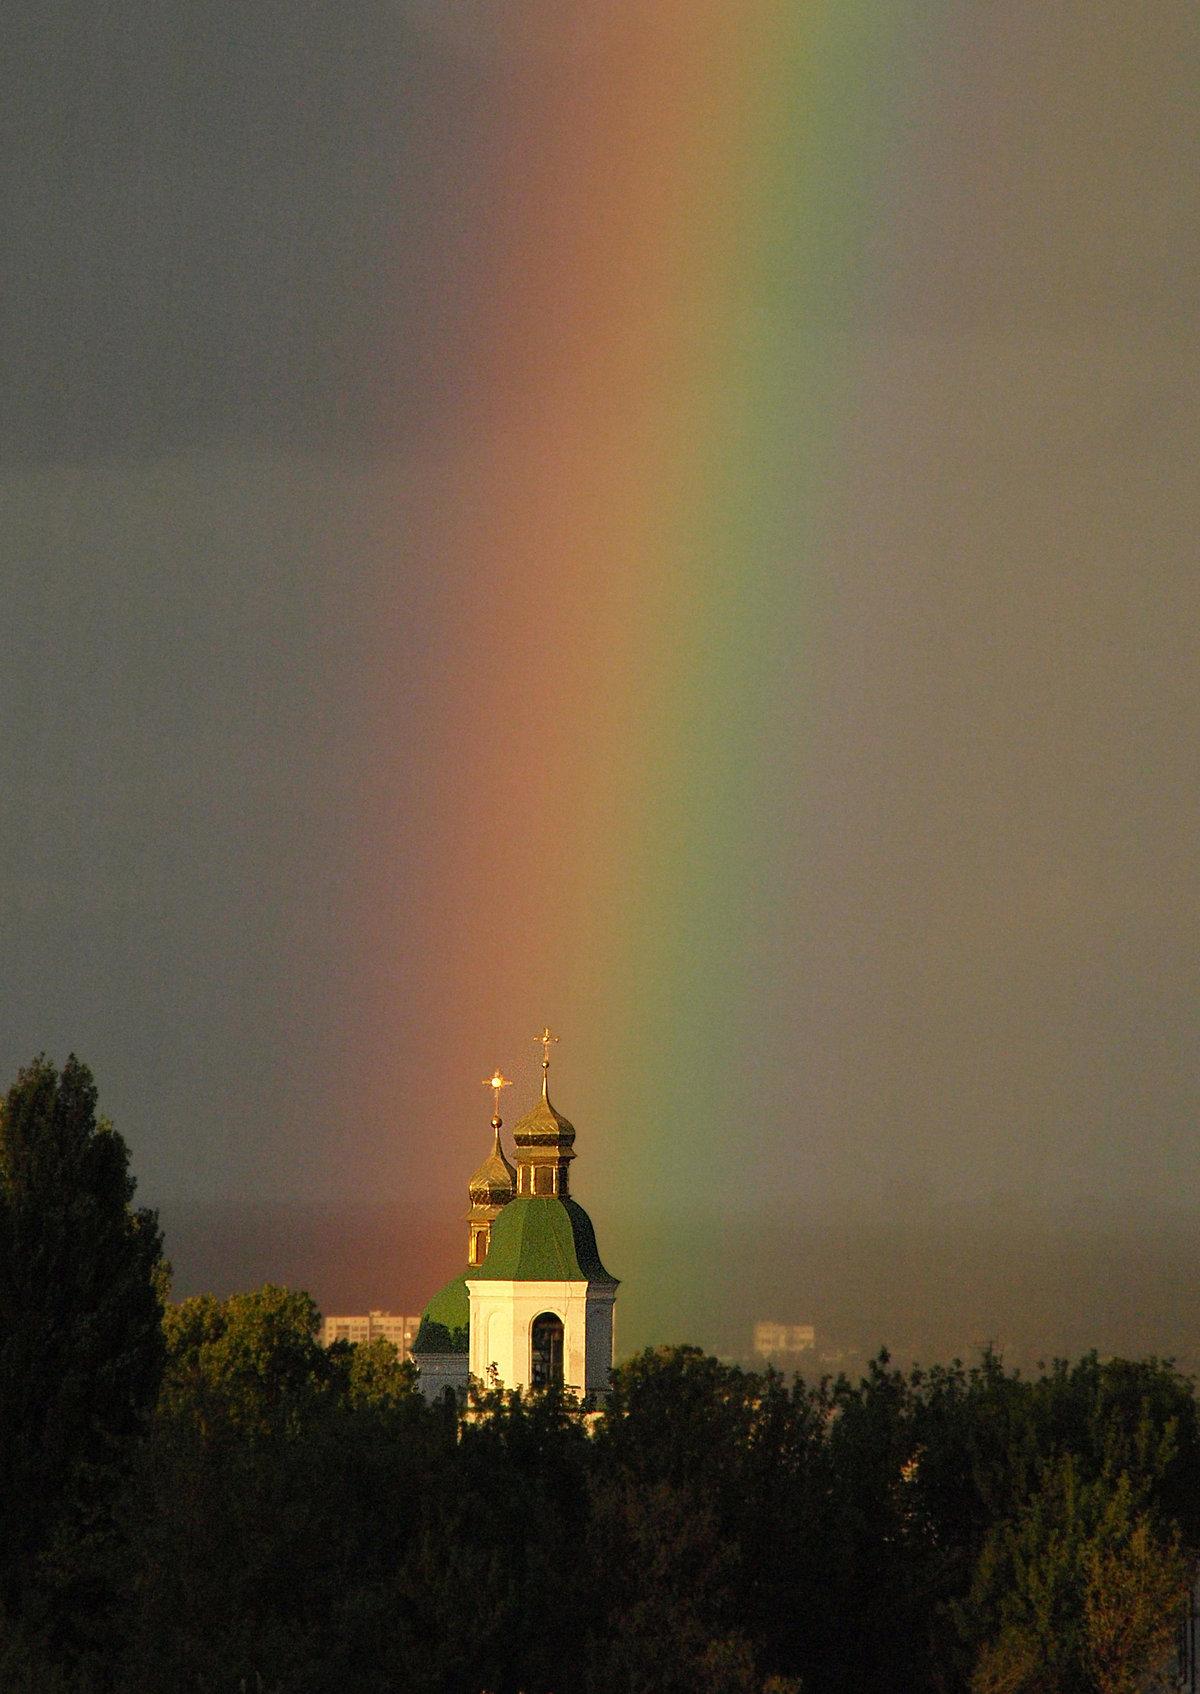 всей красивые картинки с церквями и радугой вода озере обладает